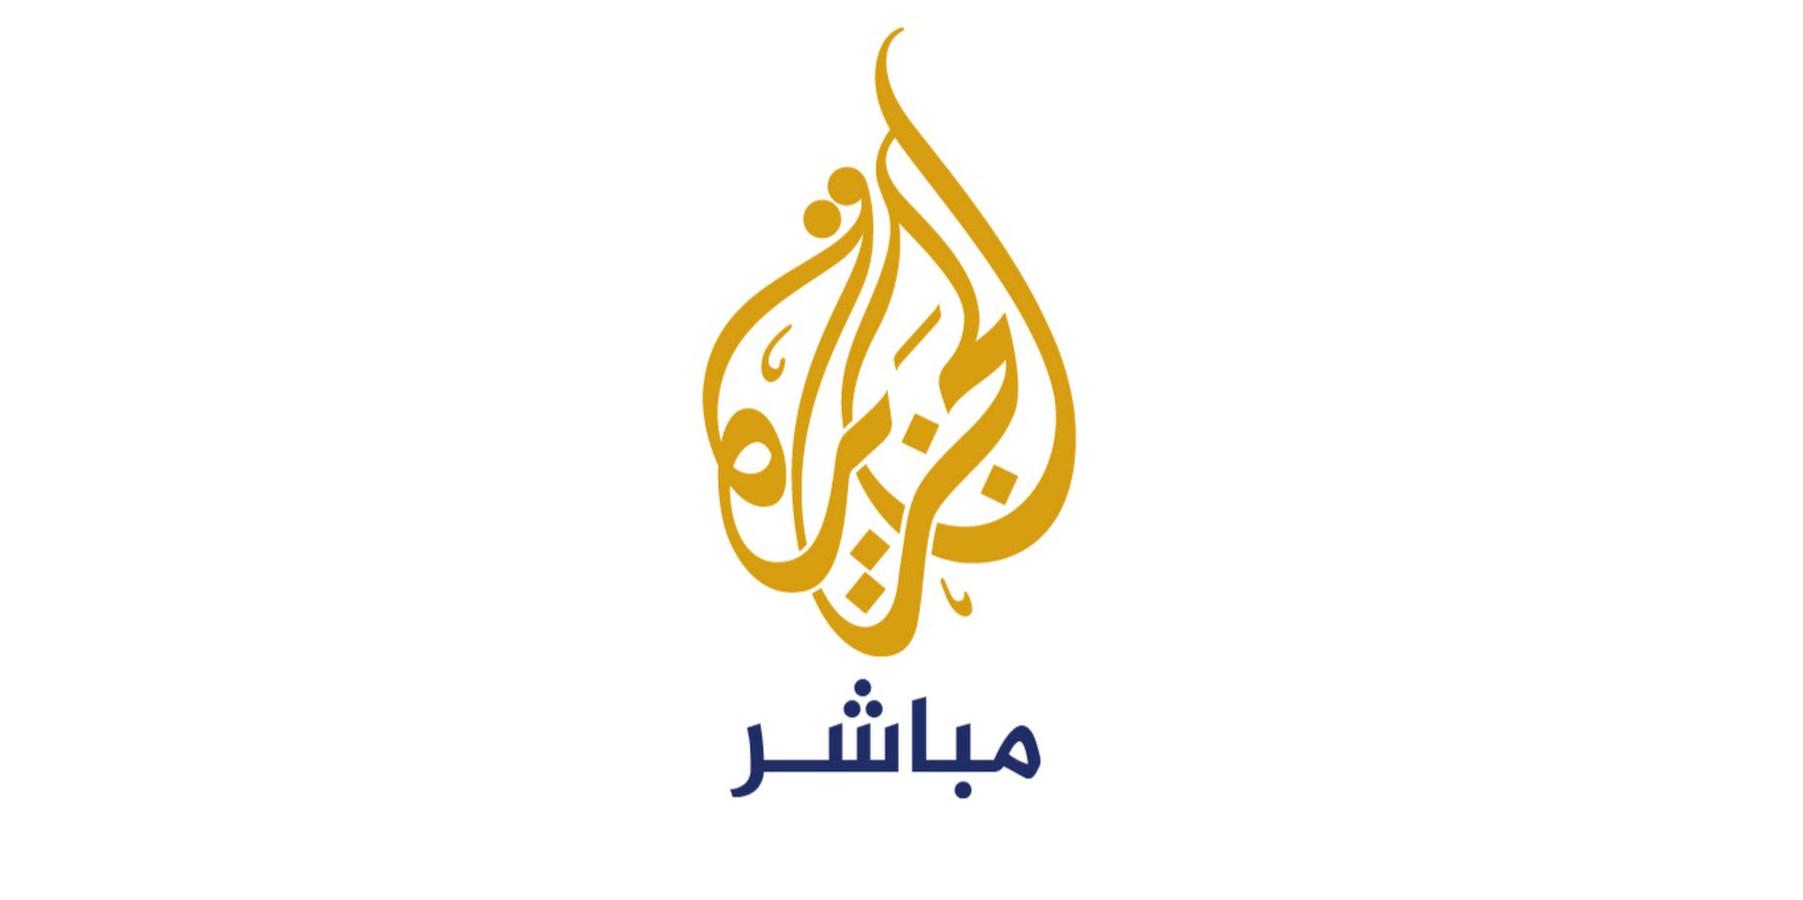 صور تردد قناة الجزيرة مباشر , قناه الاخبار الحصريه و ترددها